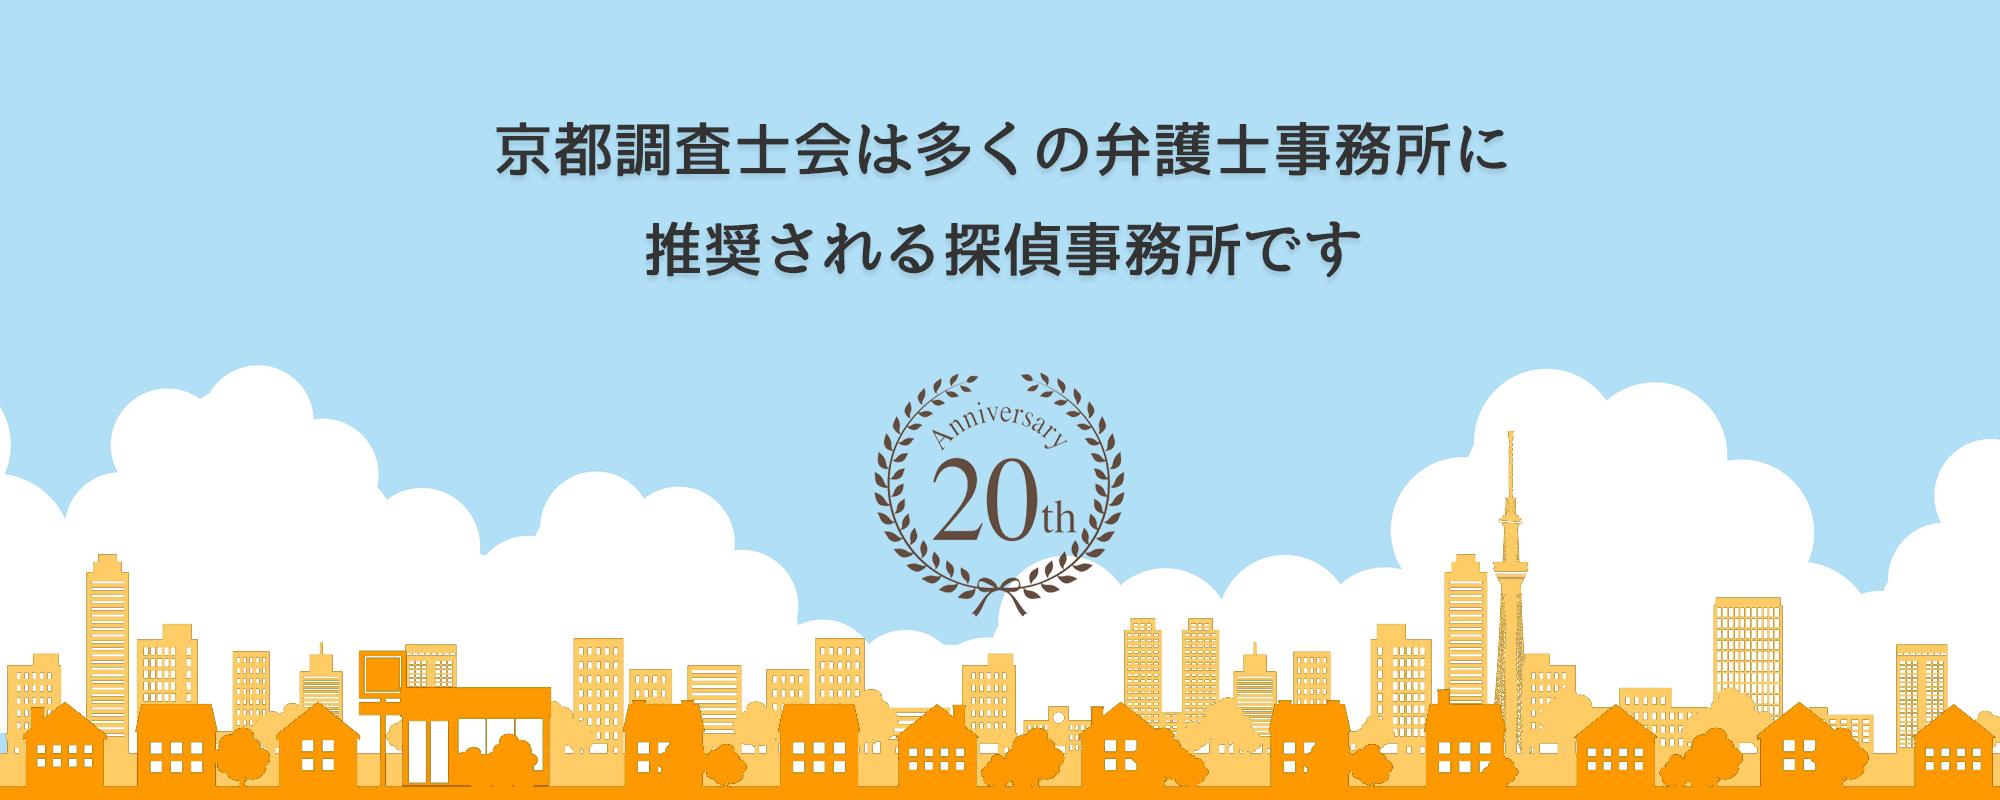 京都相談室は多くの弁護士事務所に推奨されています。